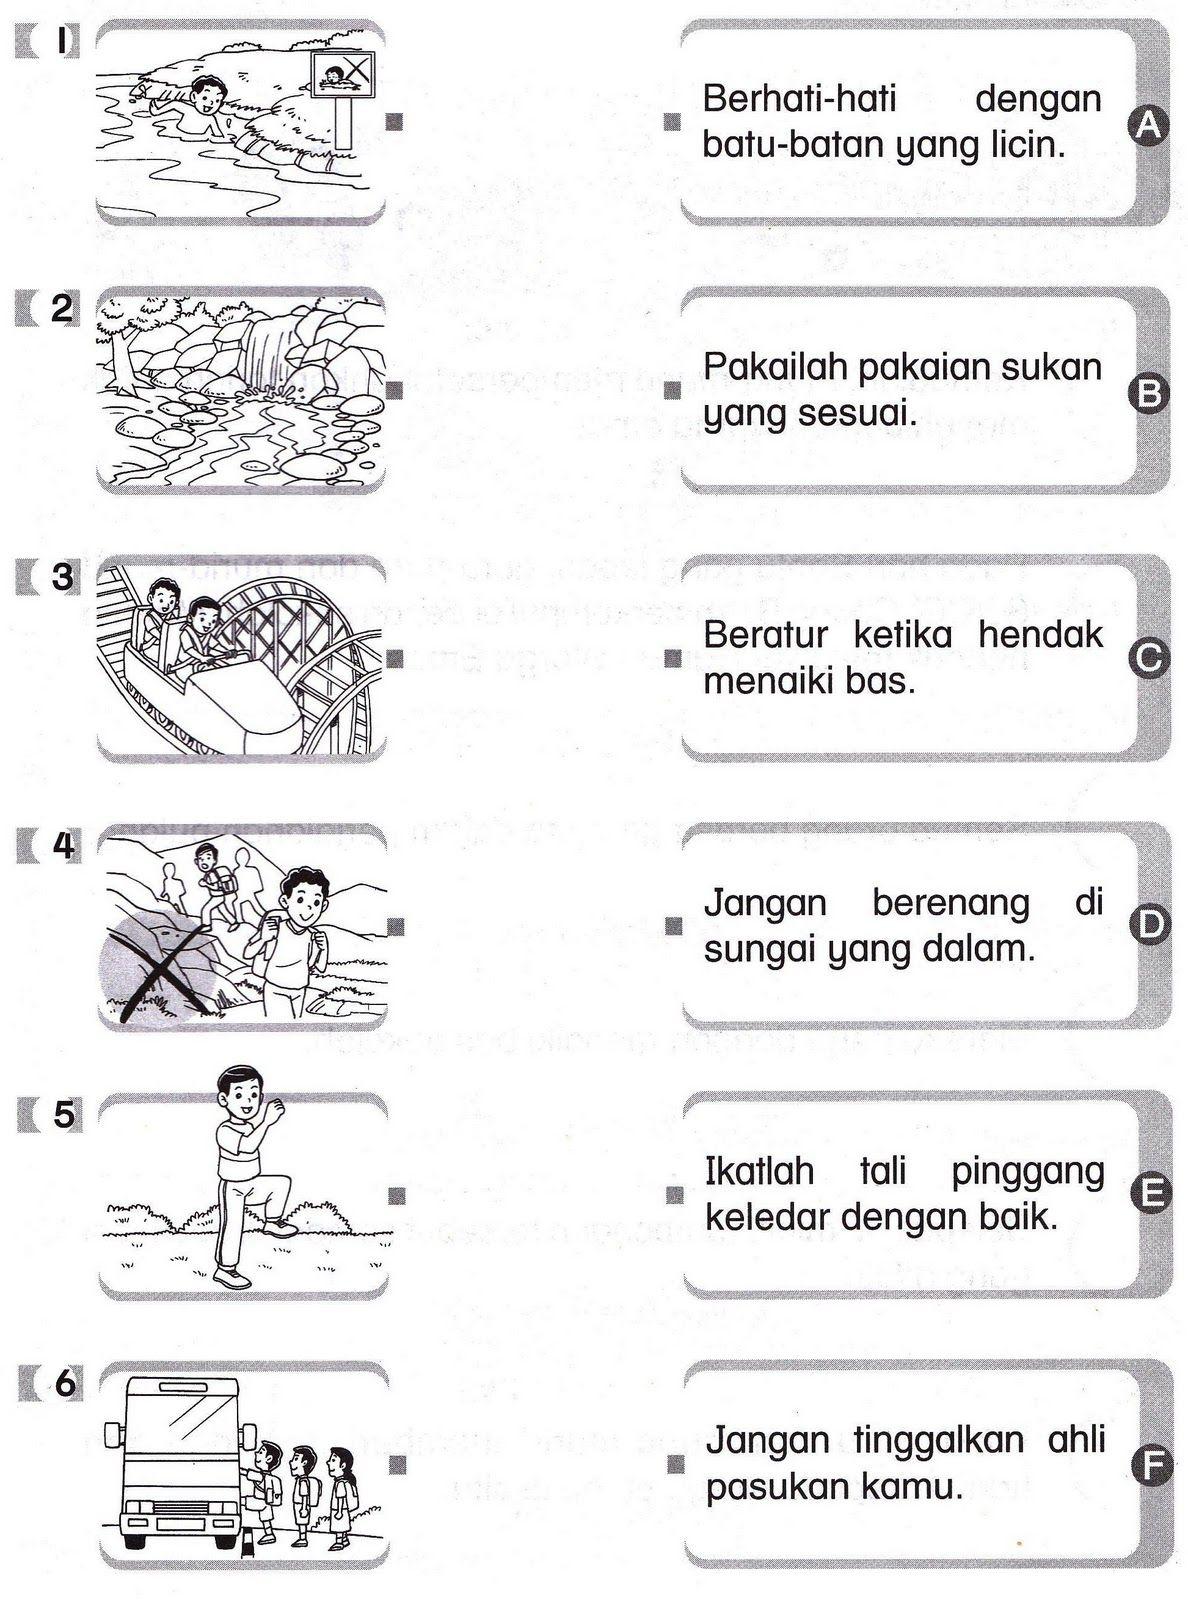 medium resolution of BAHASA MELAYU TAHUN 2: Latihan Dan Aktiviti   School kids activities